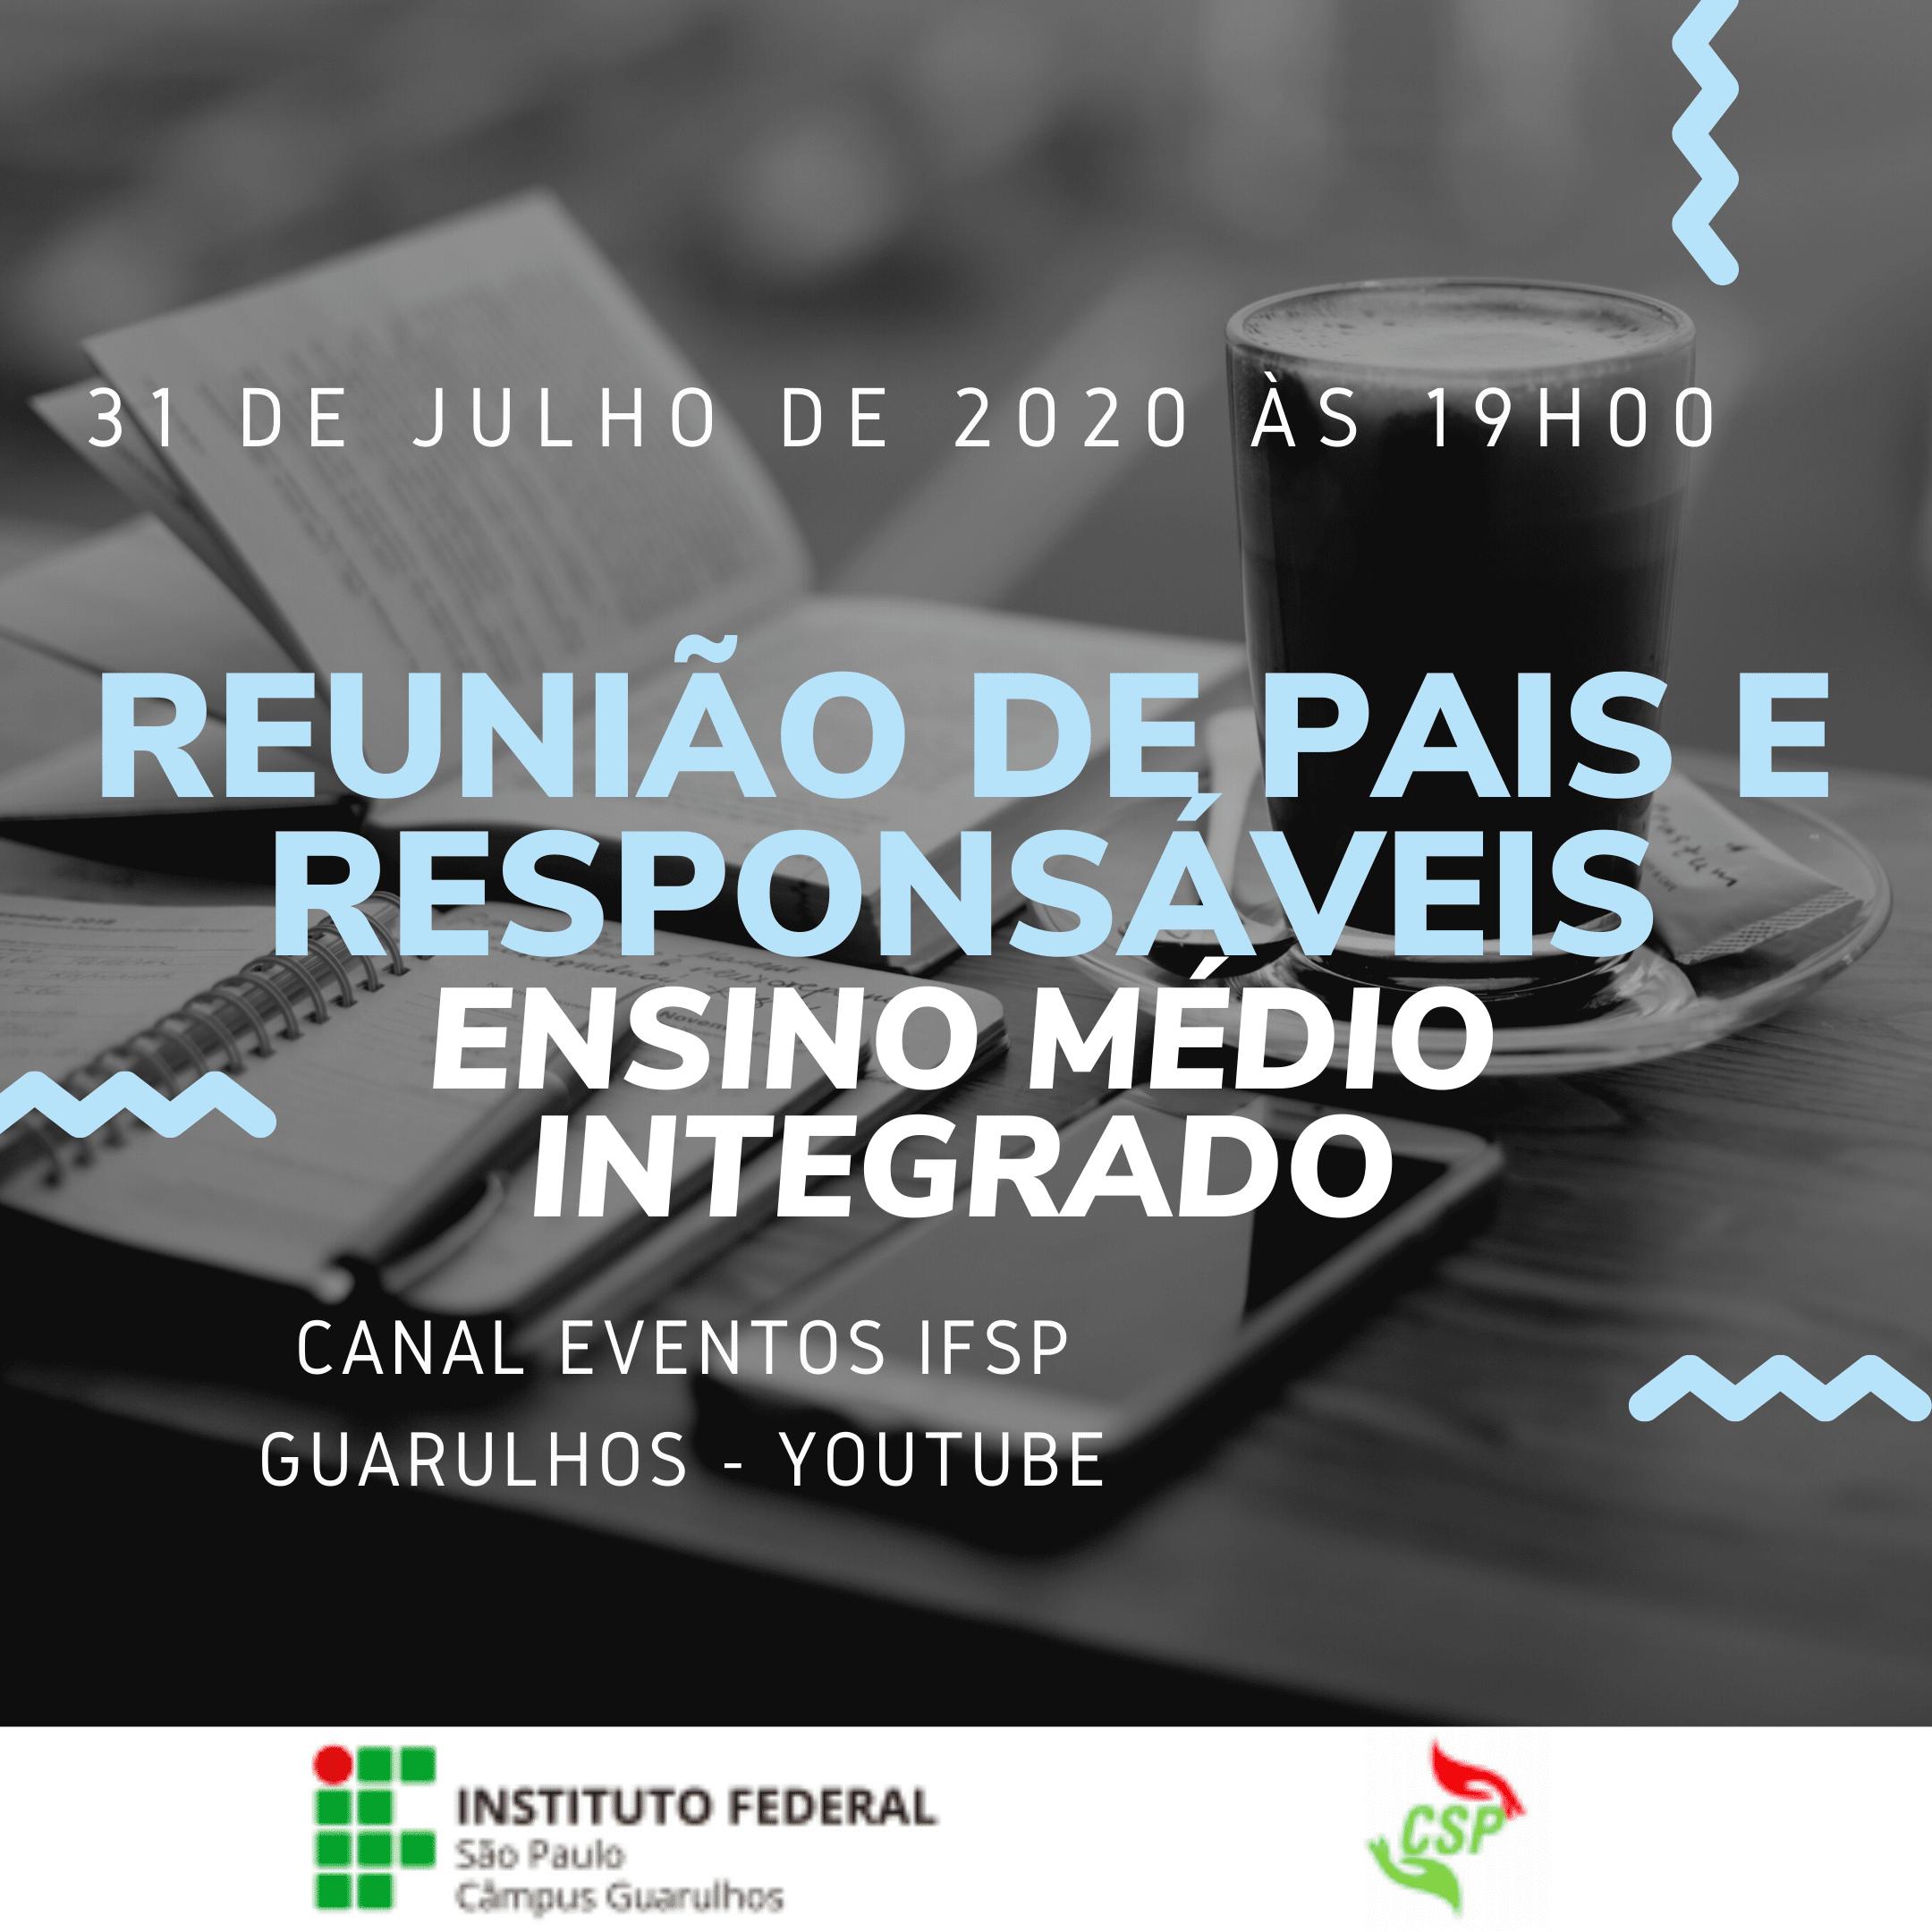 Reunião de pais e responsáveis - 31/07/2020